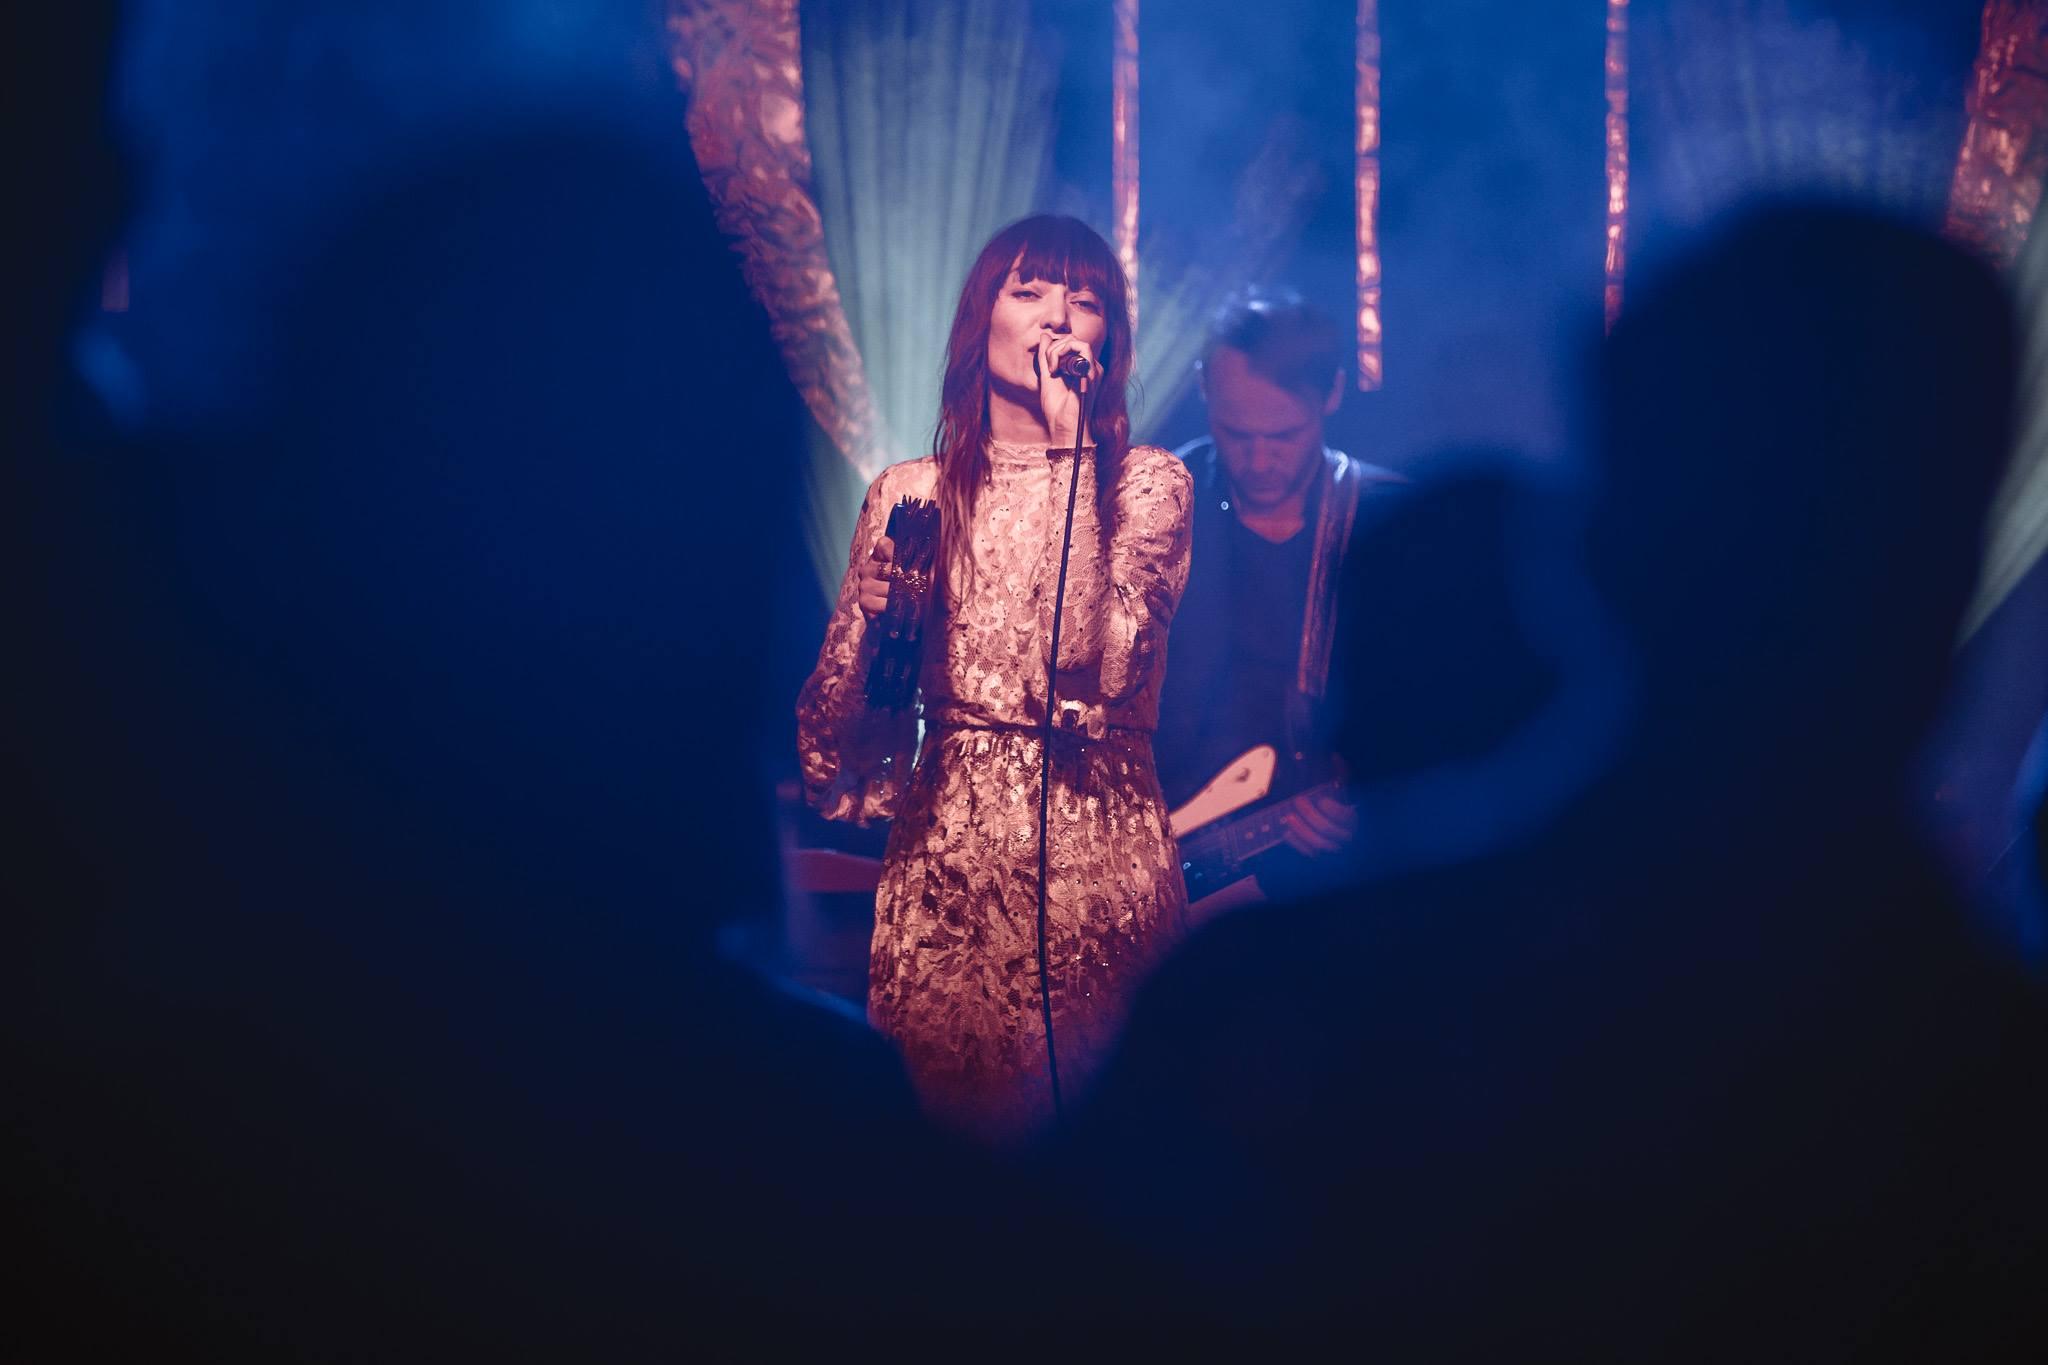 Zdjecie przedstawia koncert na pierwszym planie widzimy cienie rozmazanych widzow jedynie wokalistka kobieta ubrana w rozowa sukienke z mikrofonem brunetka w dlugich wlosach trzyma mikrofon za nia widzimy rozmazanego gitarzyste